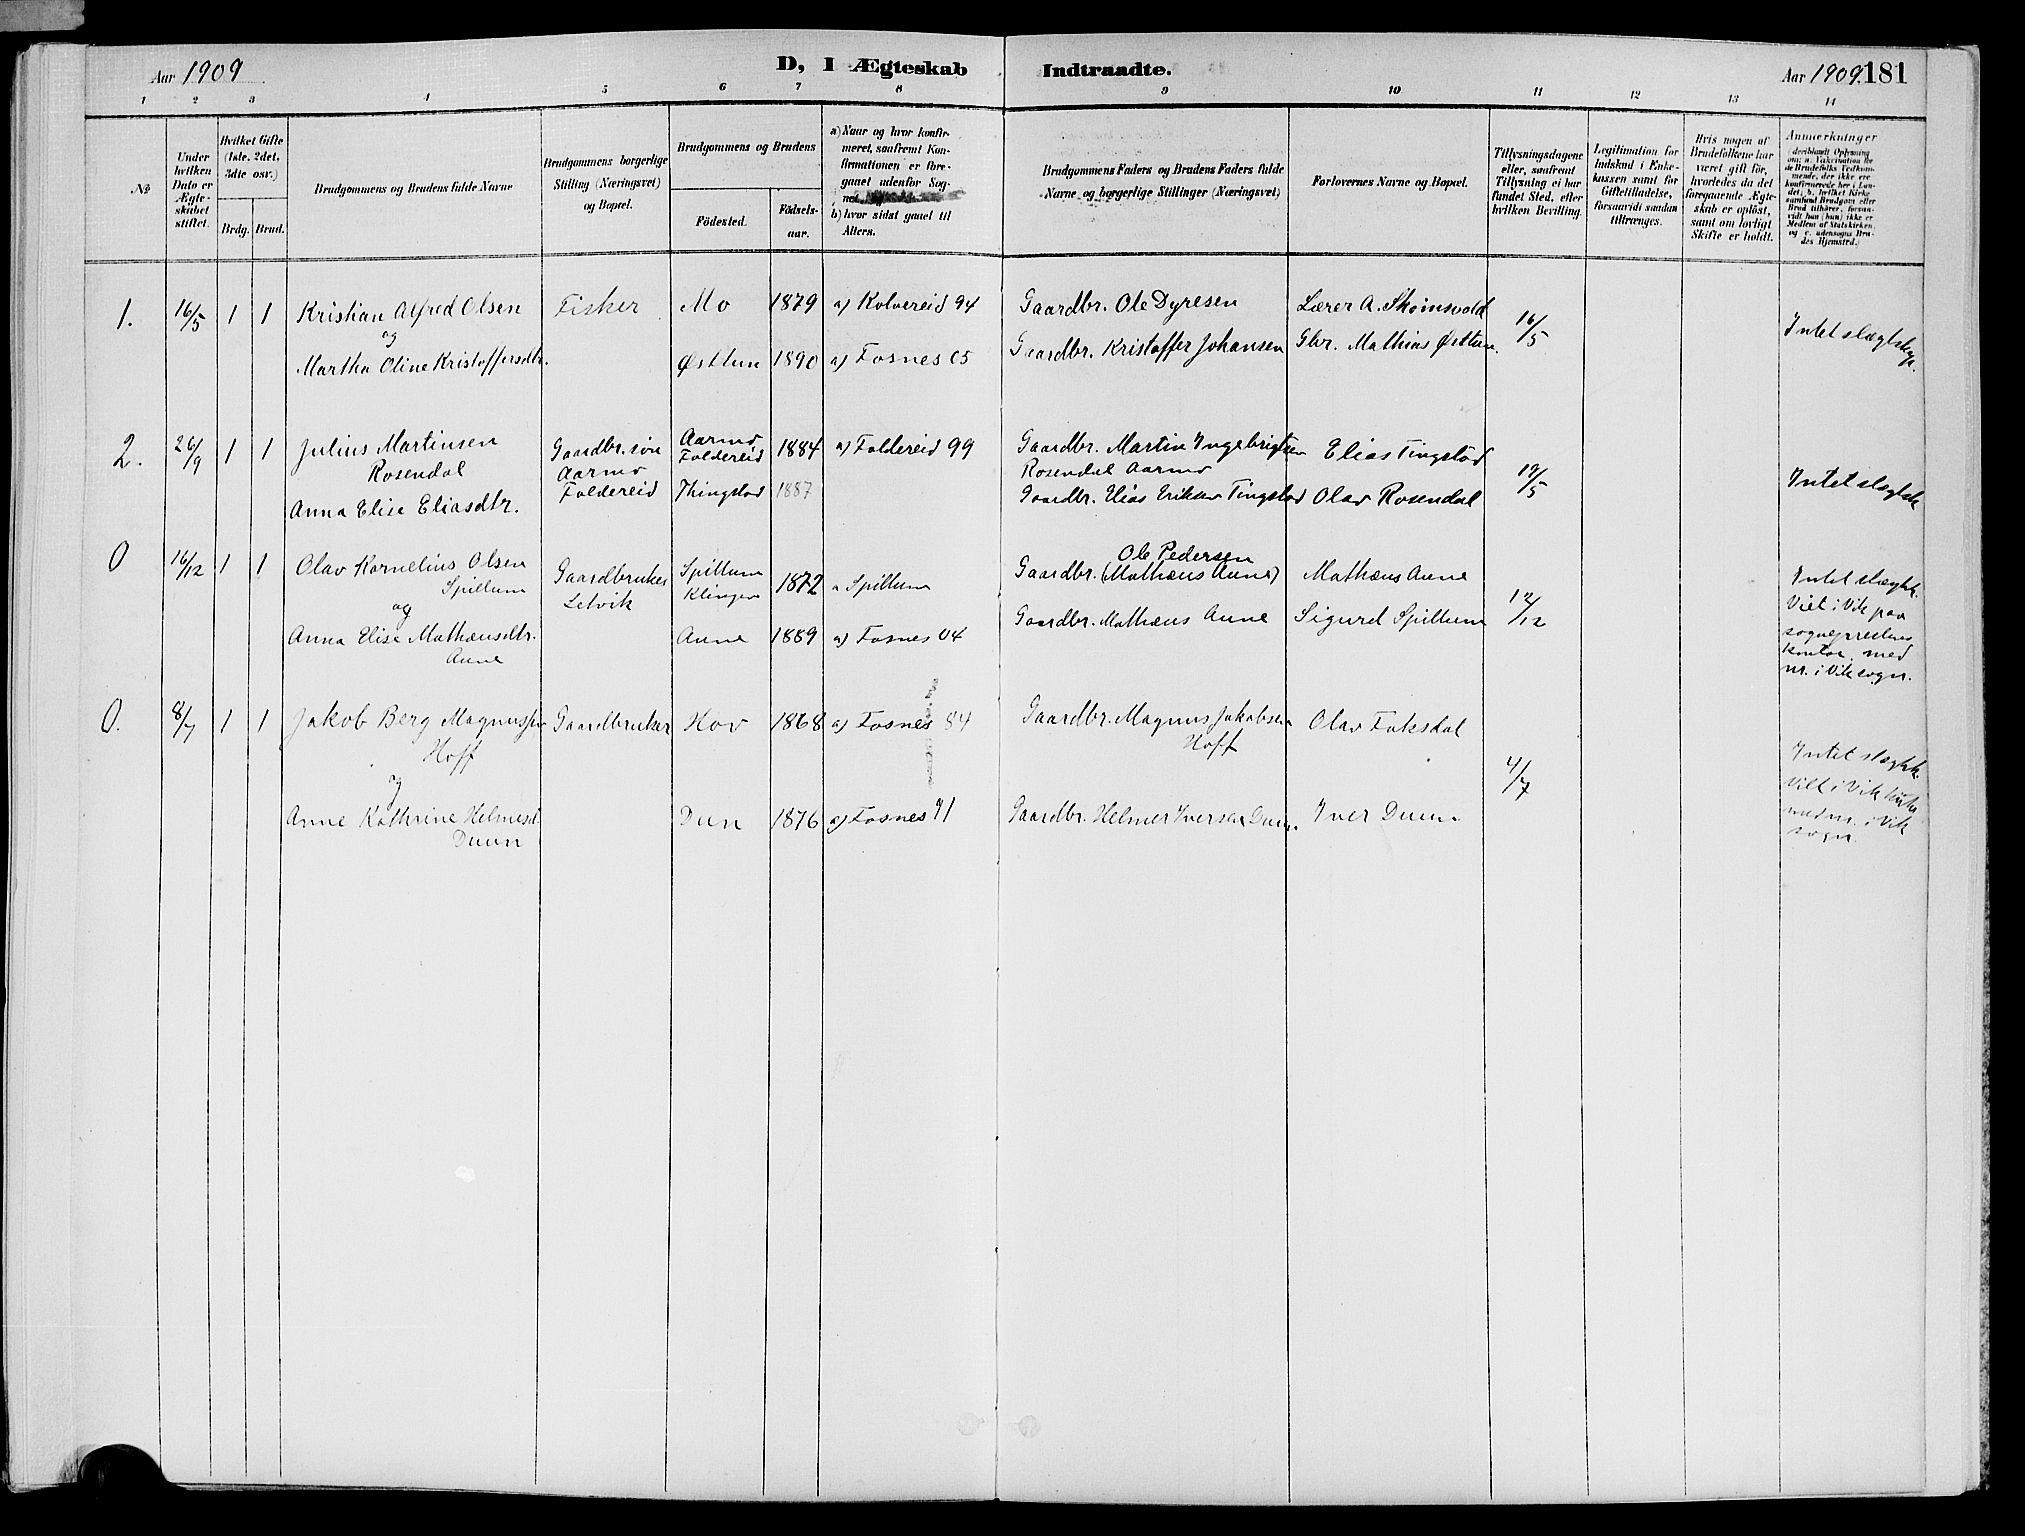 SAT, Ministerialprotokoller, klokkerbøker og fødselsregistre - Nord-Trøndelag, 773/L0617: Ministerialbok nr. 773A08, 1887-1910, s. 181